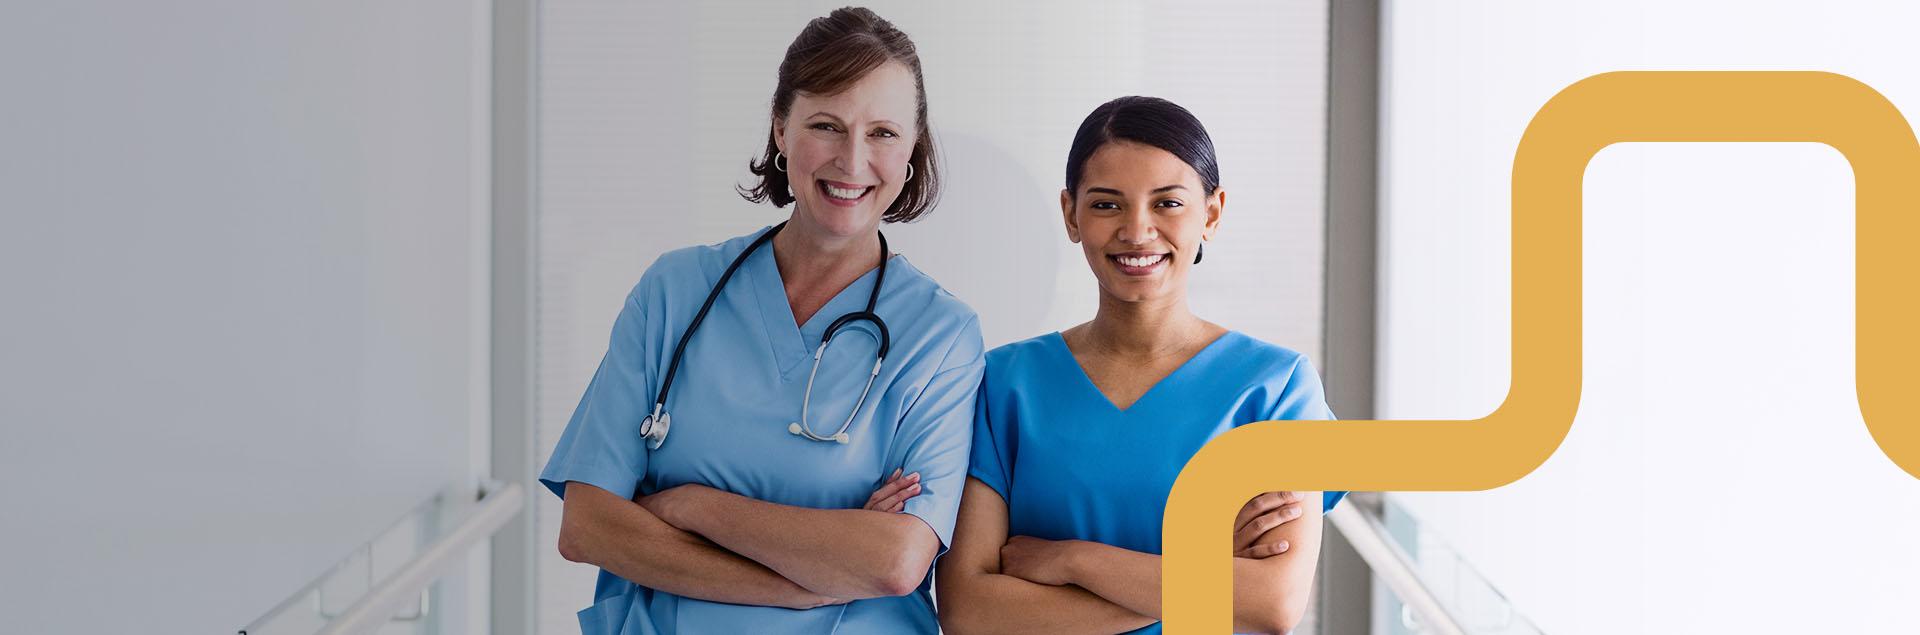 Kaksi sairaanhoitajaa työpaikallaan